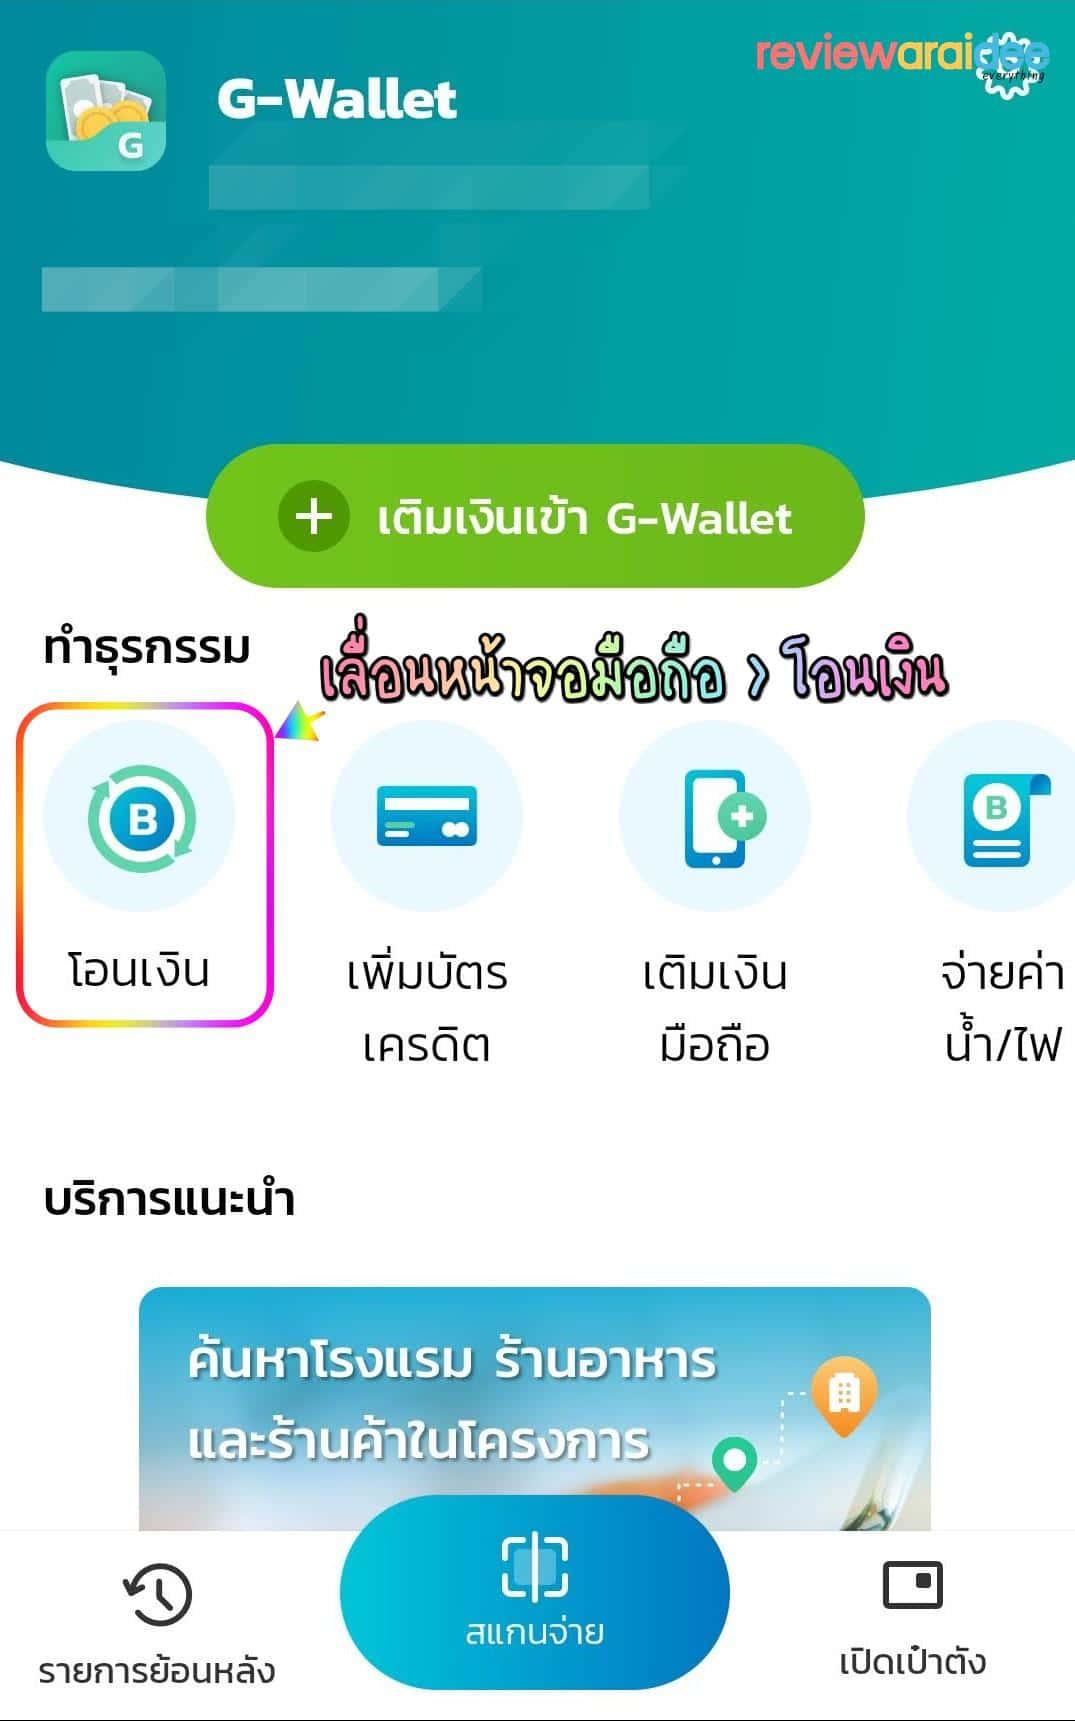 วิธีโอนหรือถอนเงินกระเป๋า g-wallet เป๋าตัง ไปยังบัญชีธนาคารตัวเองหรือบัญชีคนอื่น เลิกใช้งาน g-wallet แล้ว